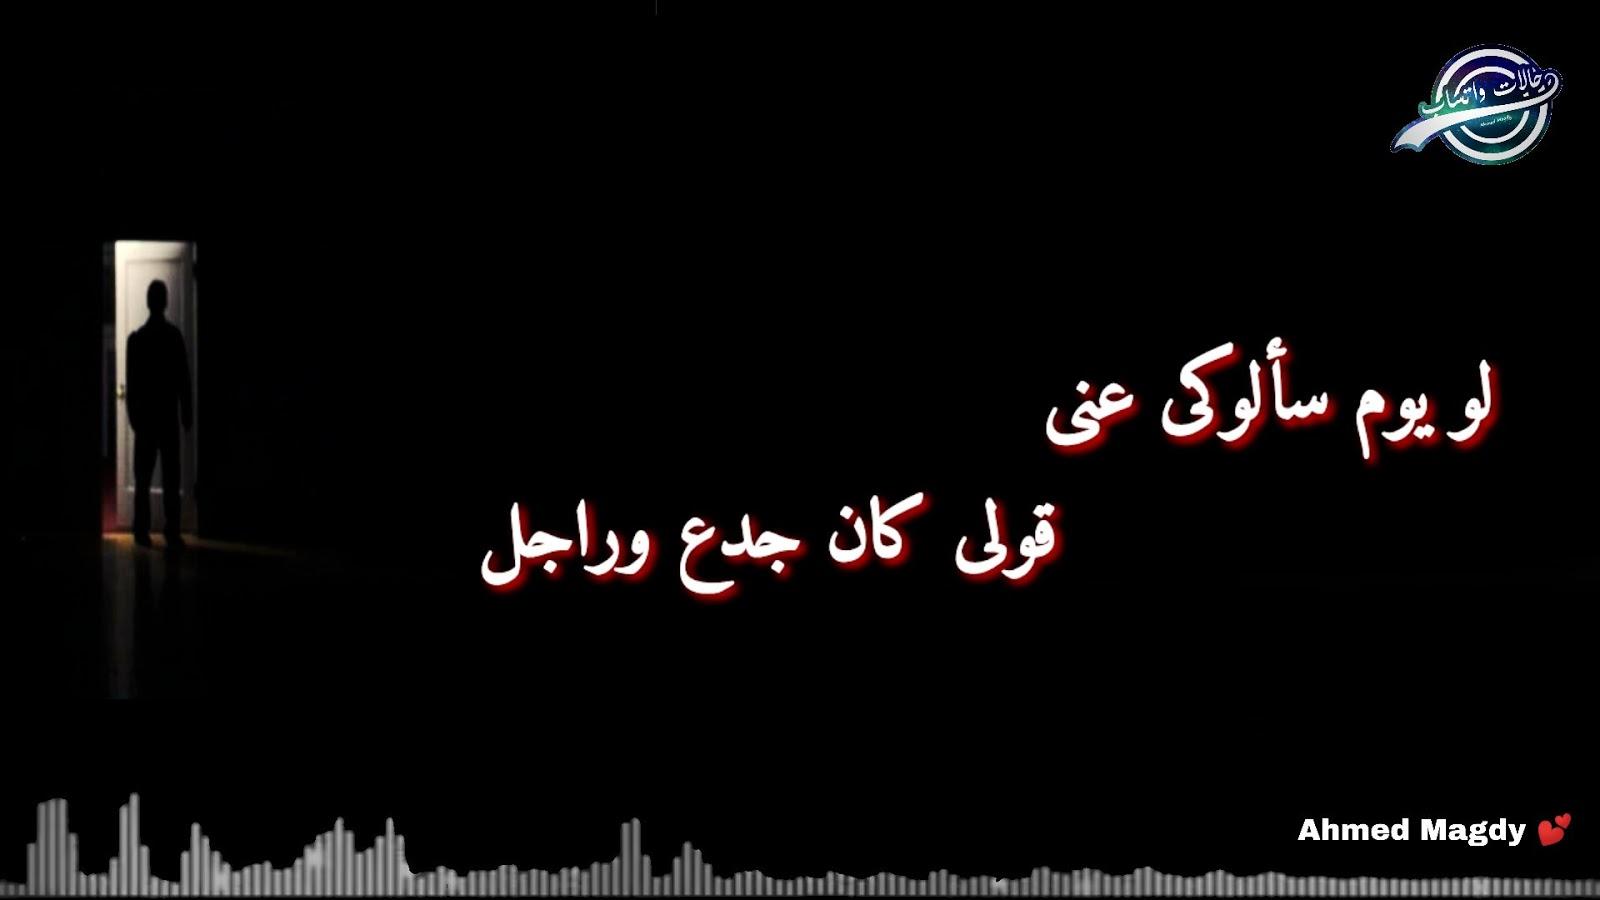 العلامة كلمات اغاني راب حب مصري أفضل الصور